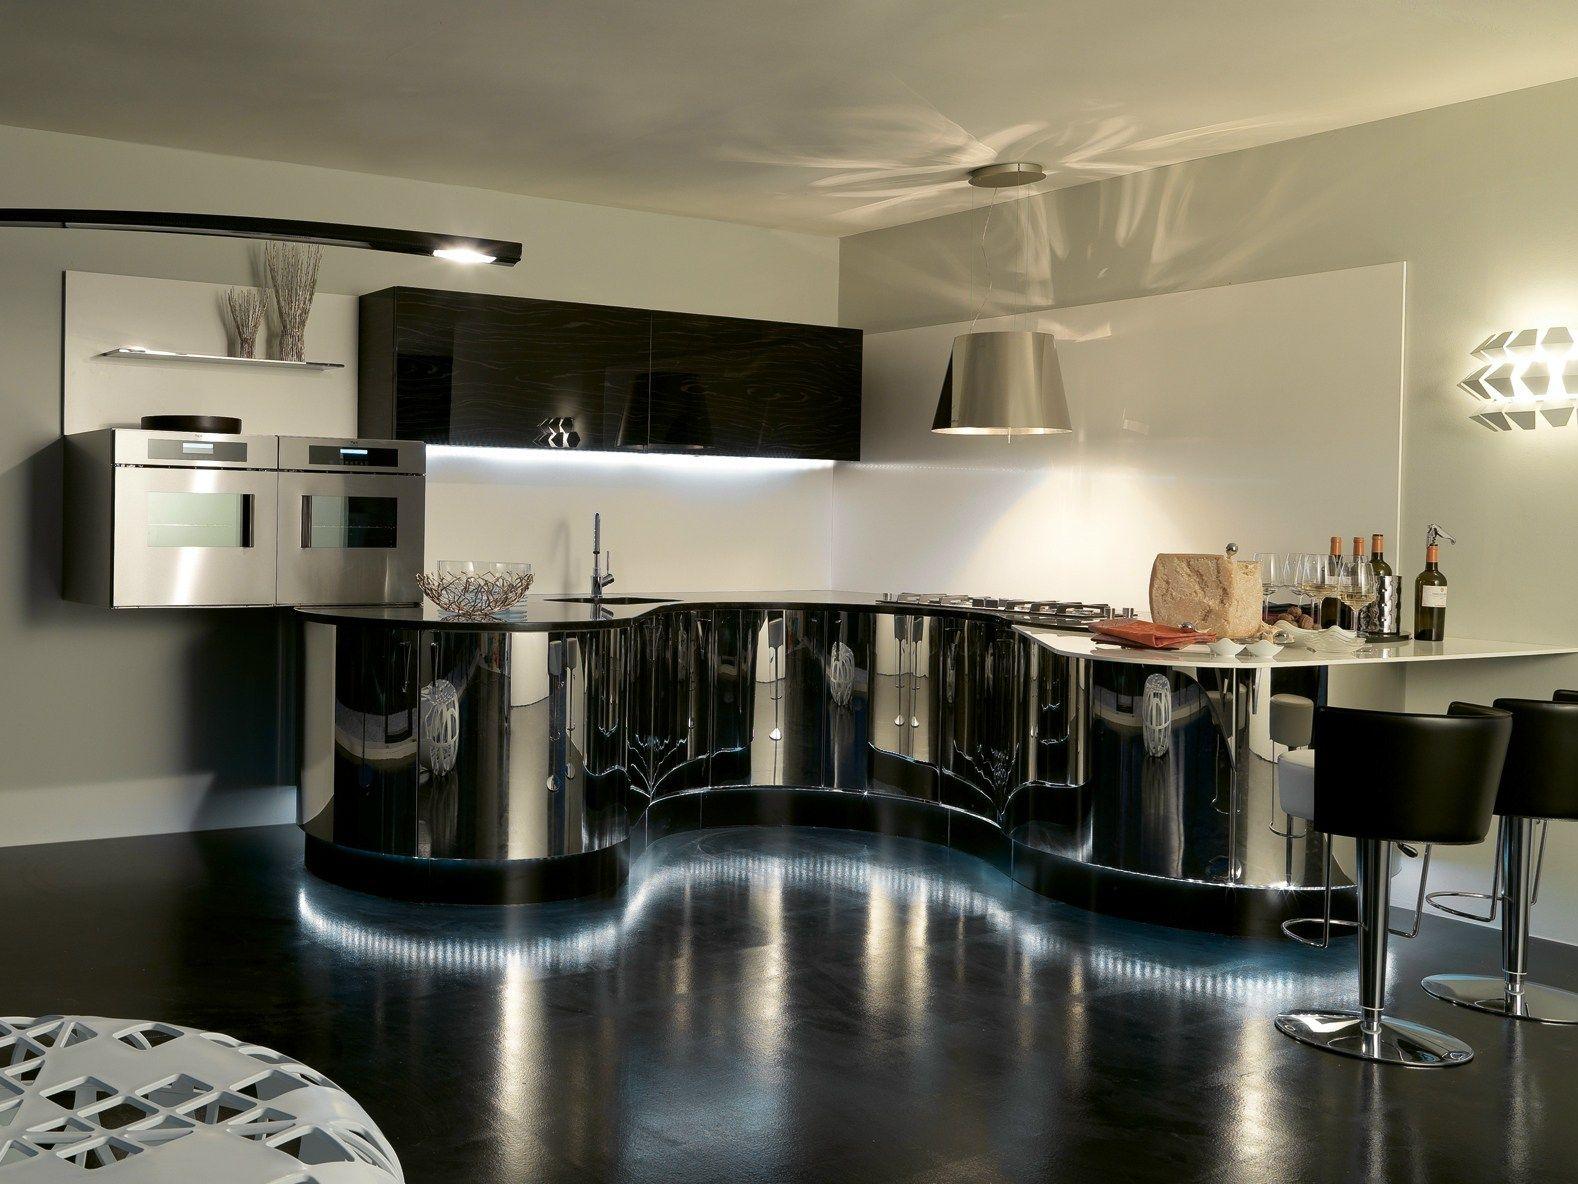 Ikea Cucine Con Isola Prezzi cucina aster cucine contempora. cucina con isola con